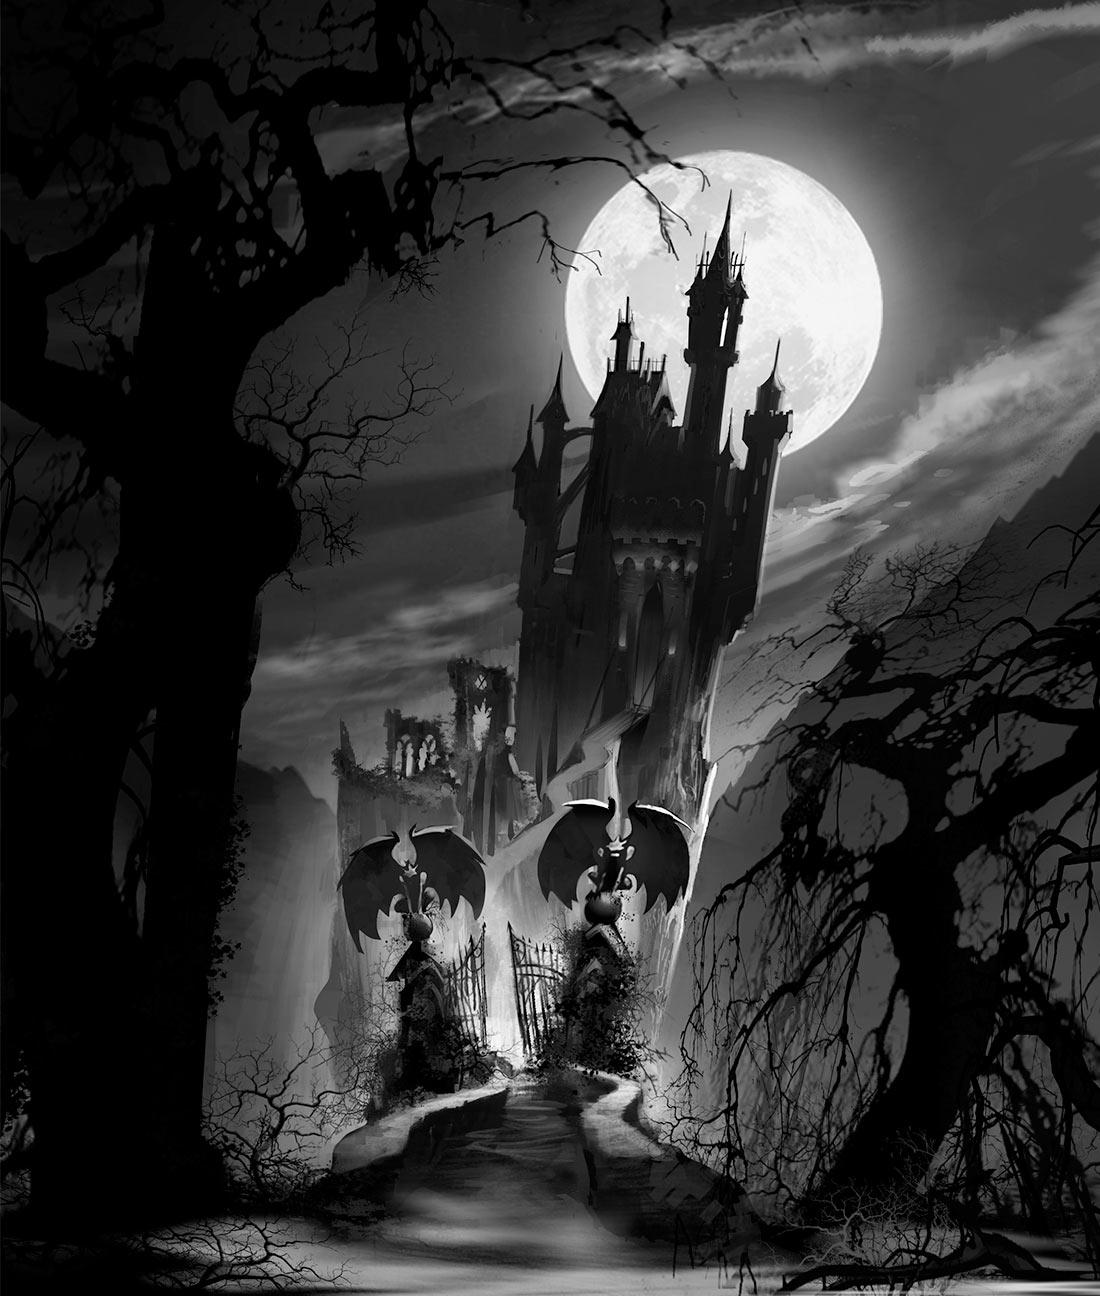 Vlad castle concept by Aurora Jimenez.